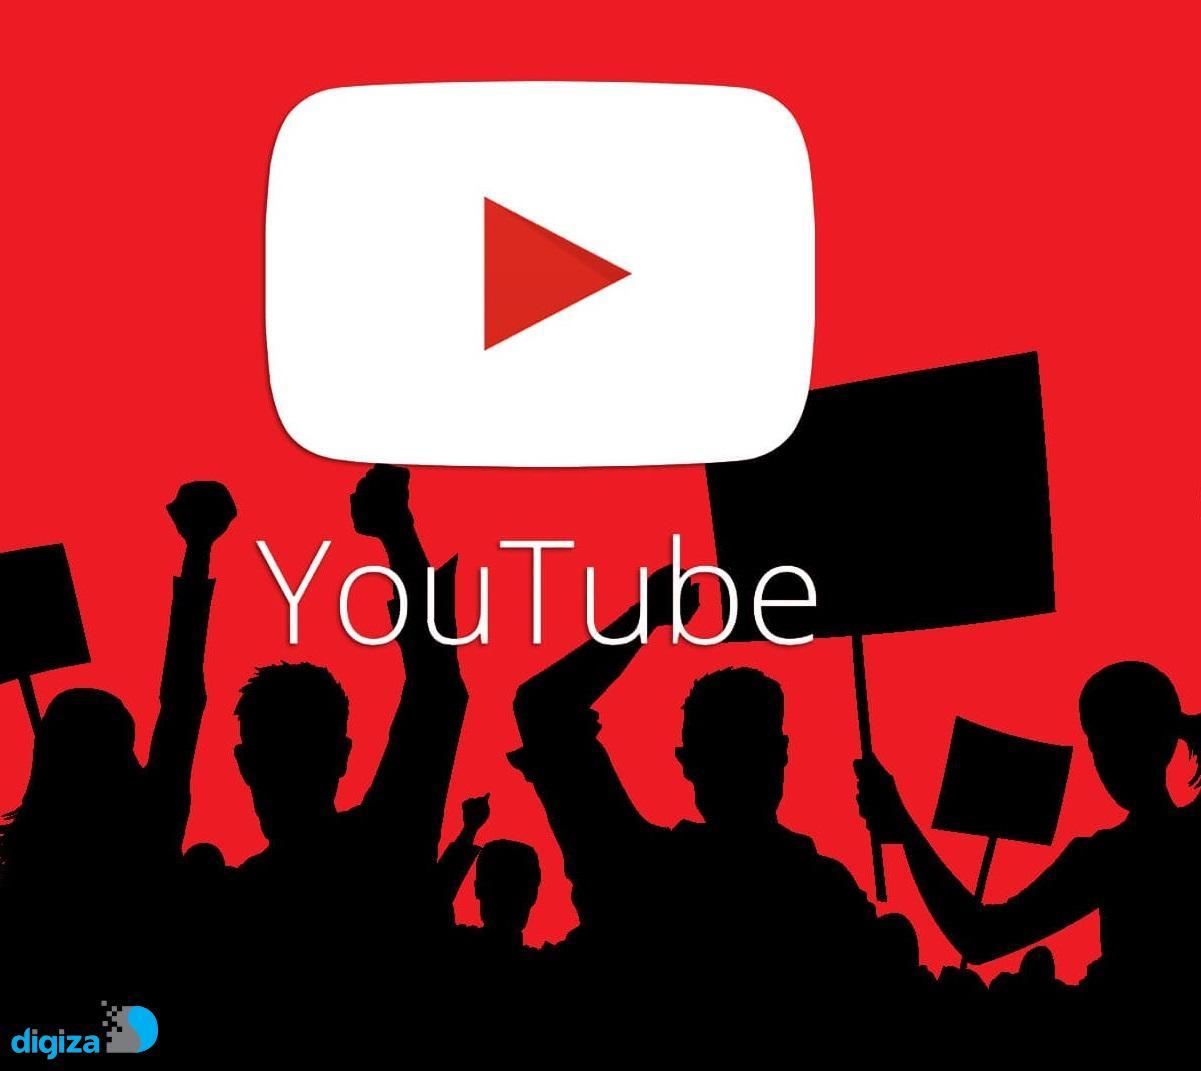 یوتیوب ویژگیهای جدیدی در اختیار کاربران قرار میدهد